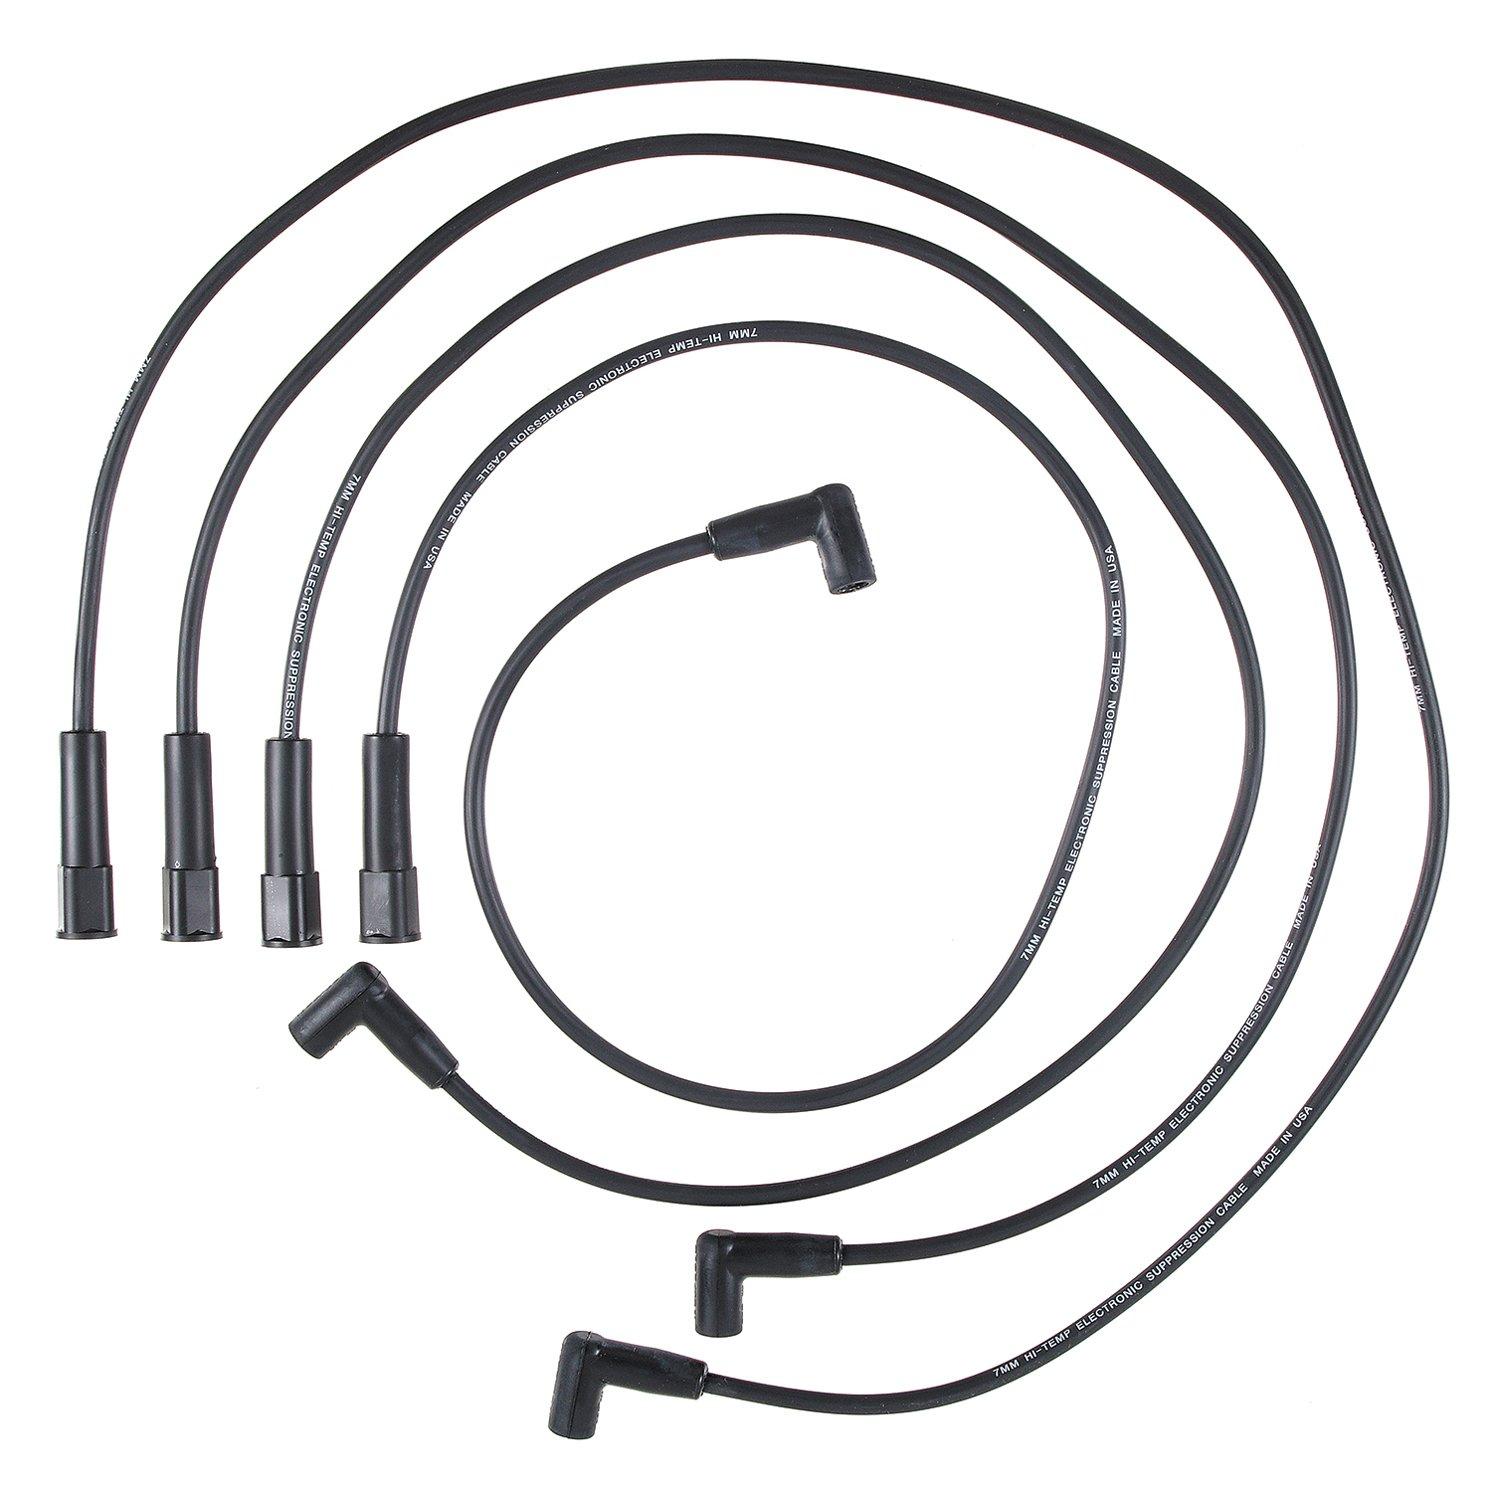 Proconnect Endurance Plus Wire Set